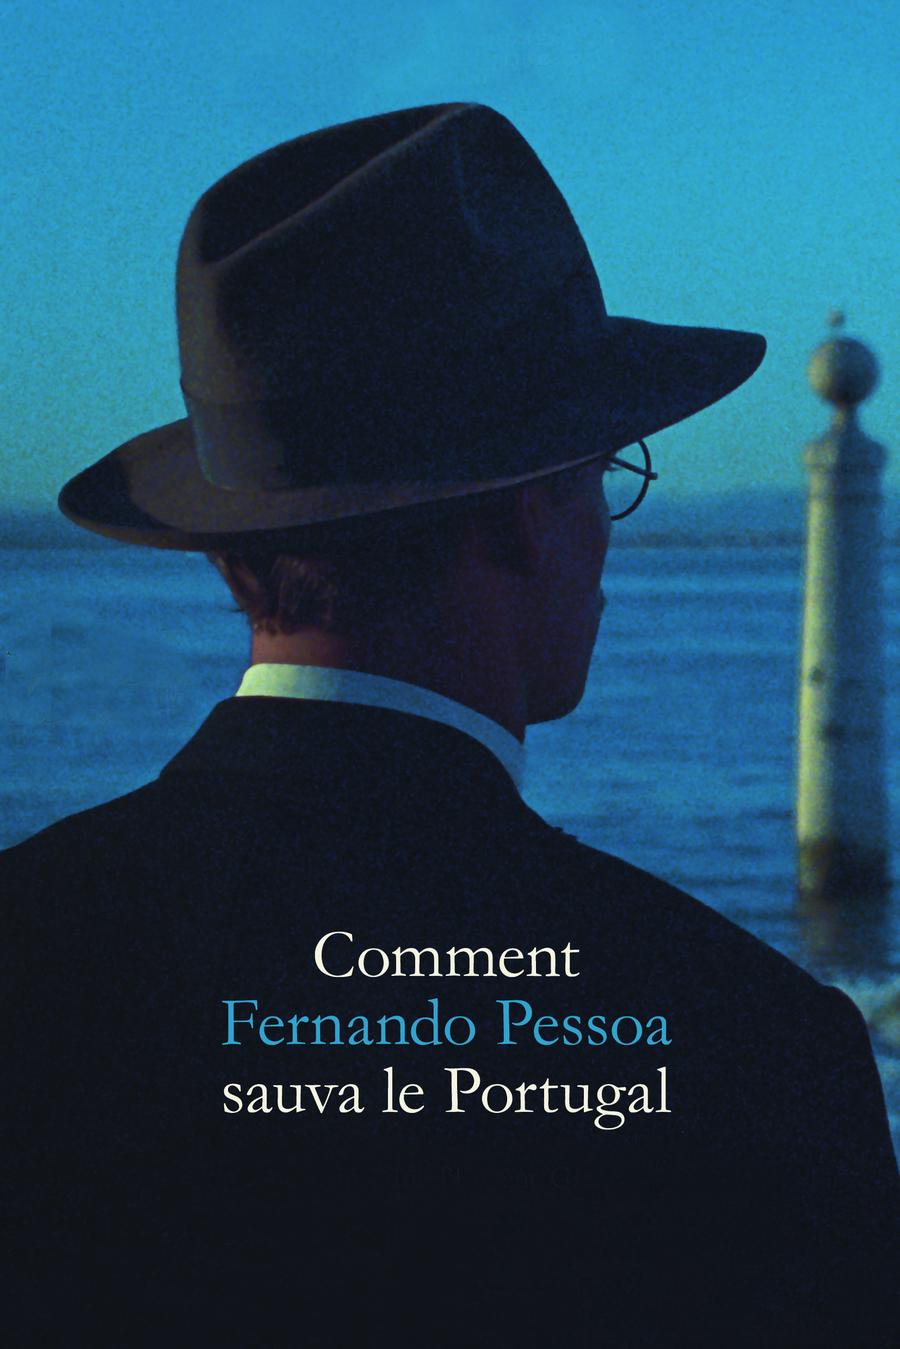 Cómo Fernando Pessoa salvó Portugal